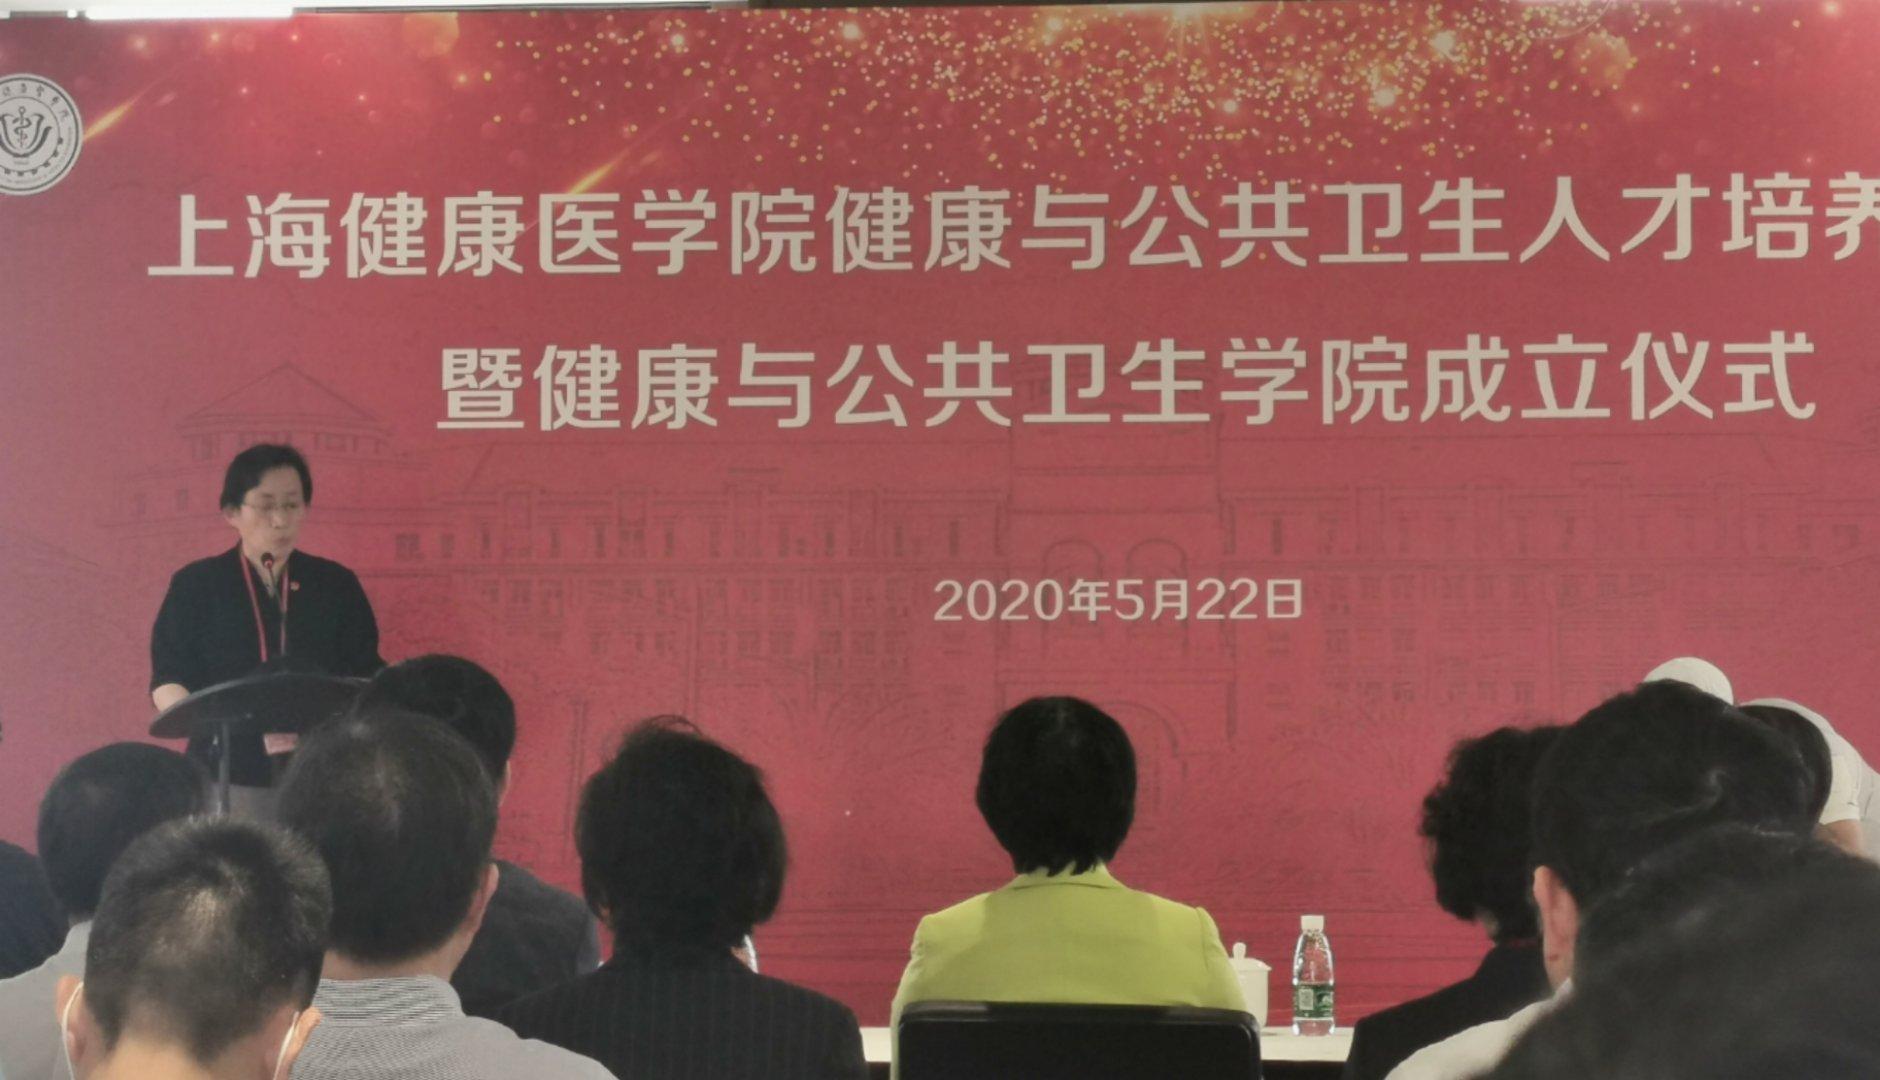 上海健康医学院成立健康与公共卫生学院,明年招收首批学生